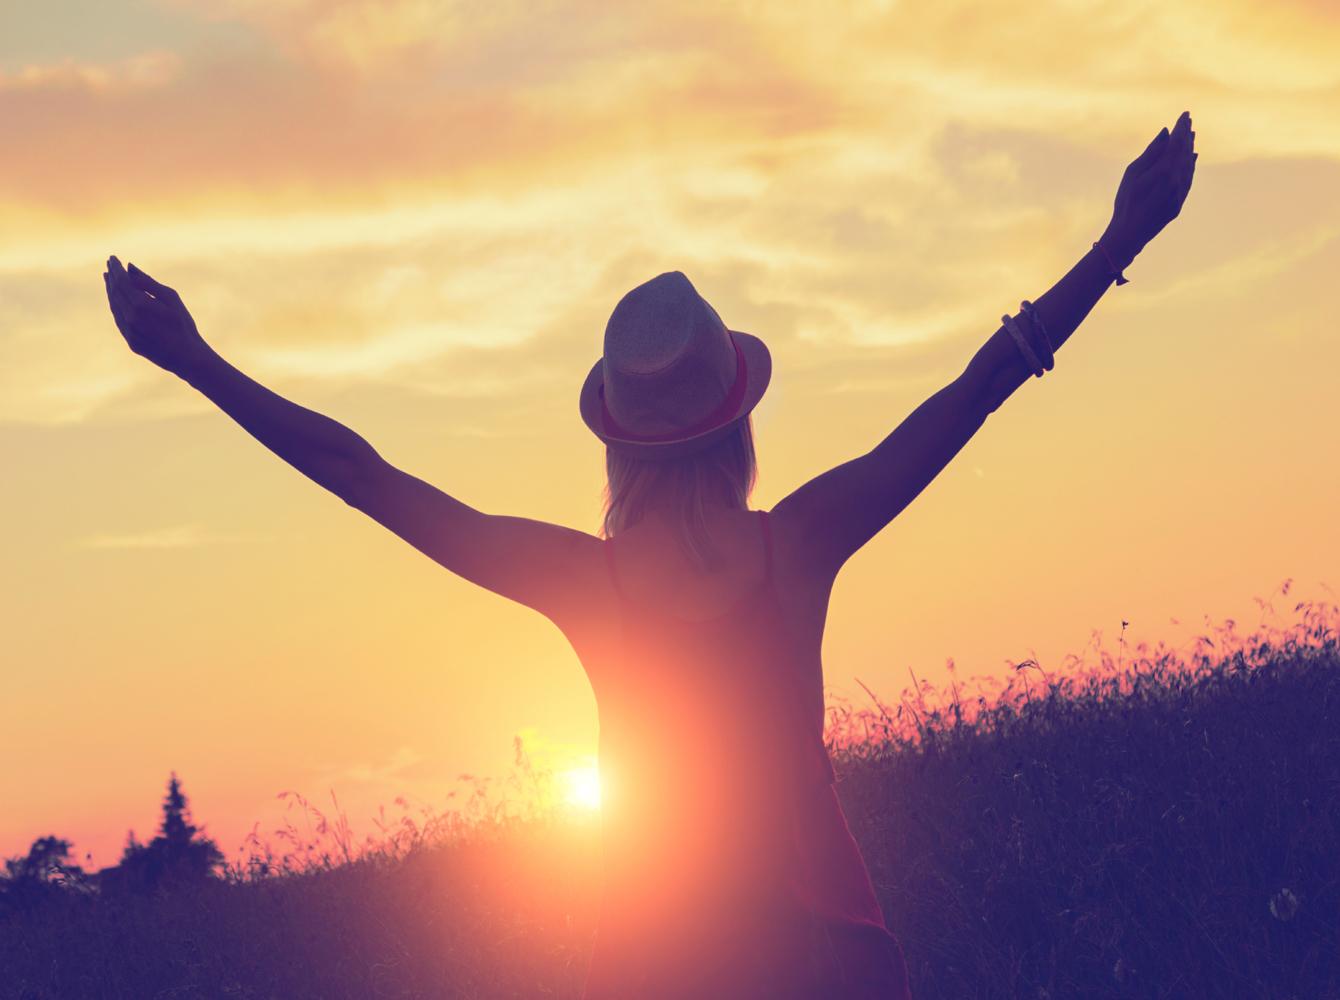 ۷ راز زندگی سرشار از قدرشناسی